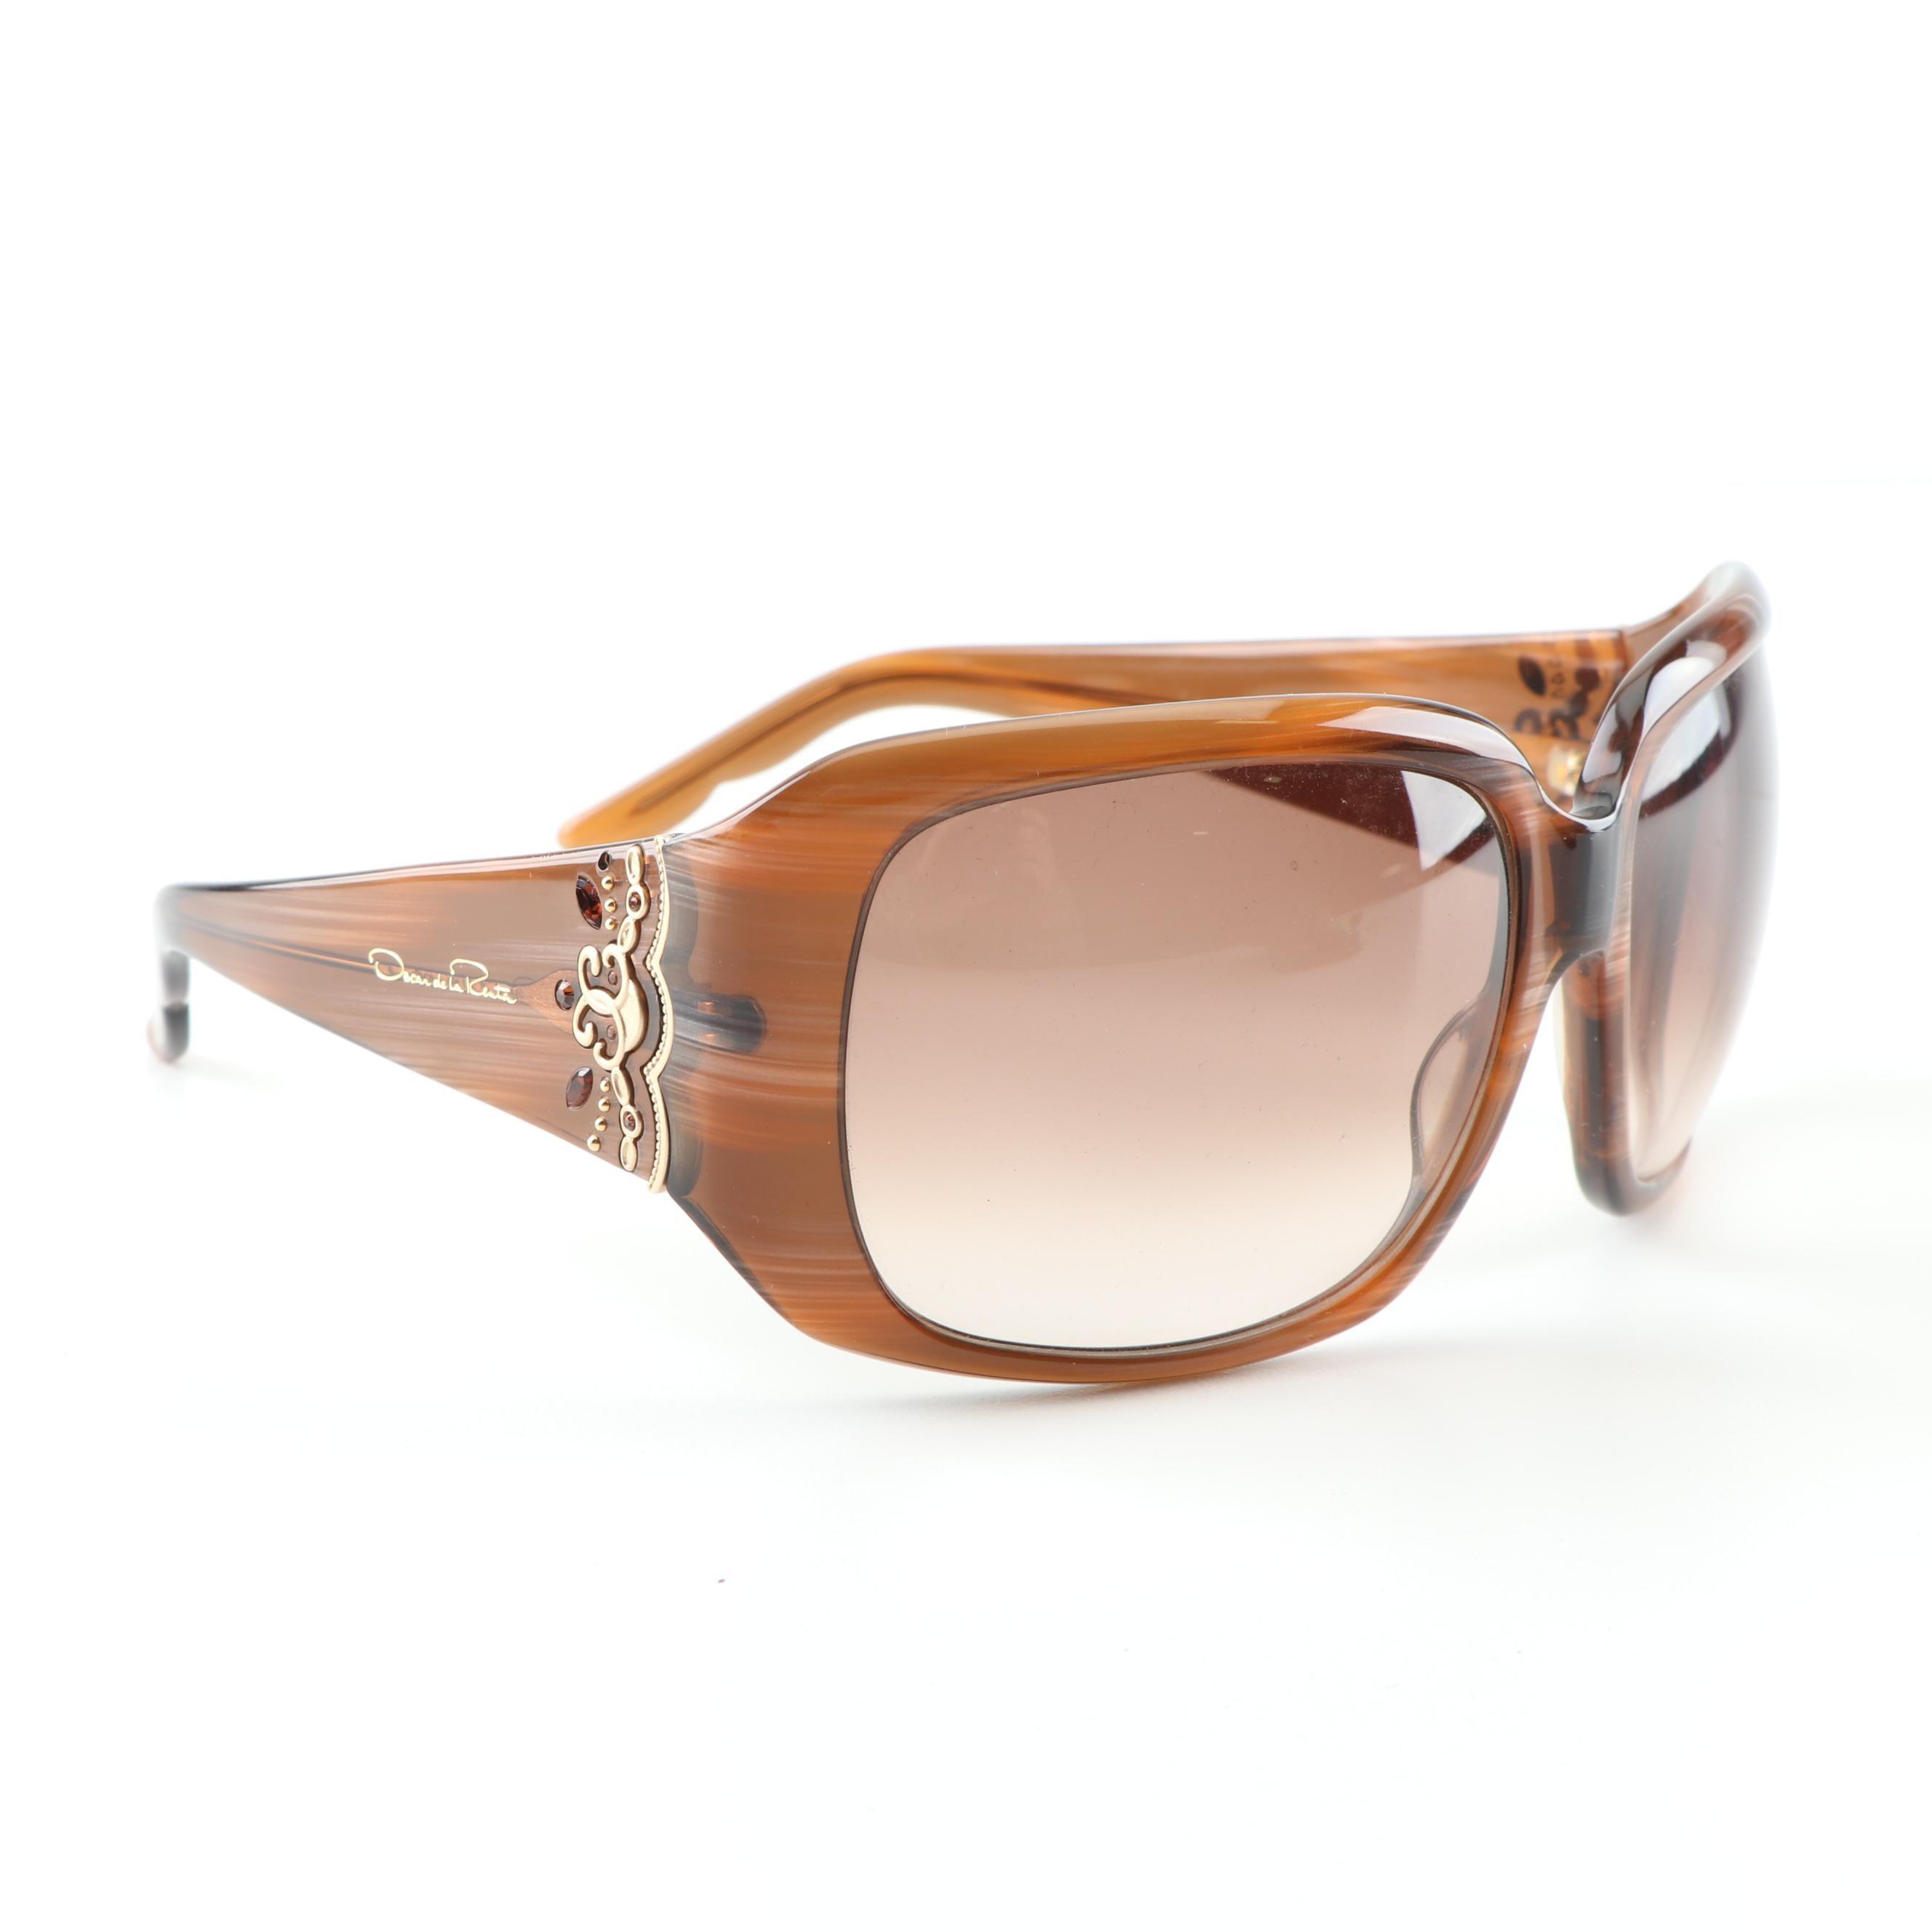 Oscar de la Renta ODLRS 140 Wrap Sunglasses